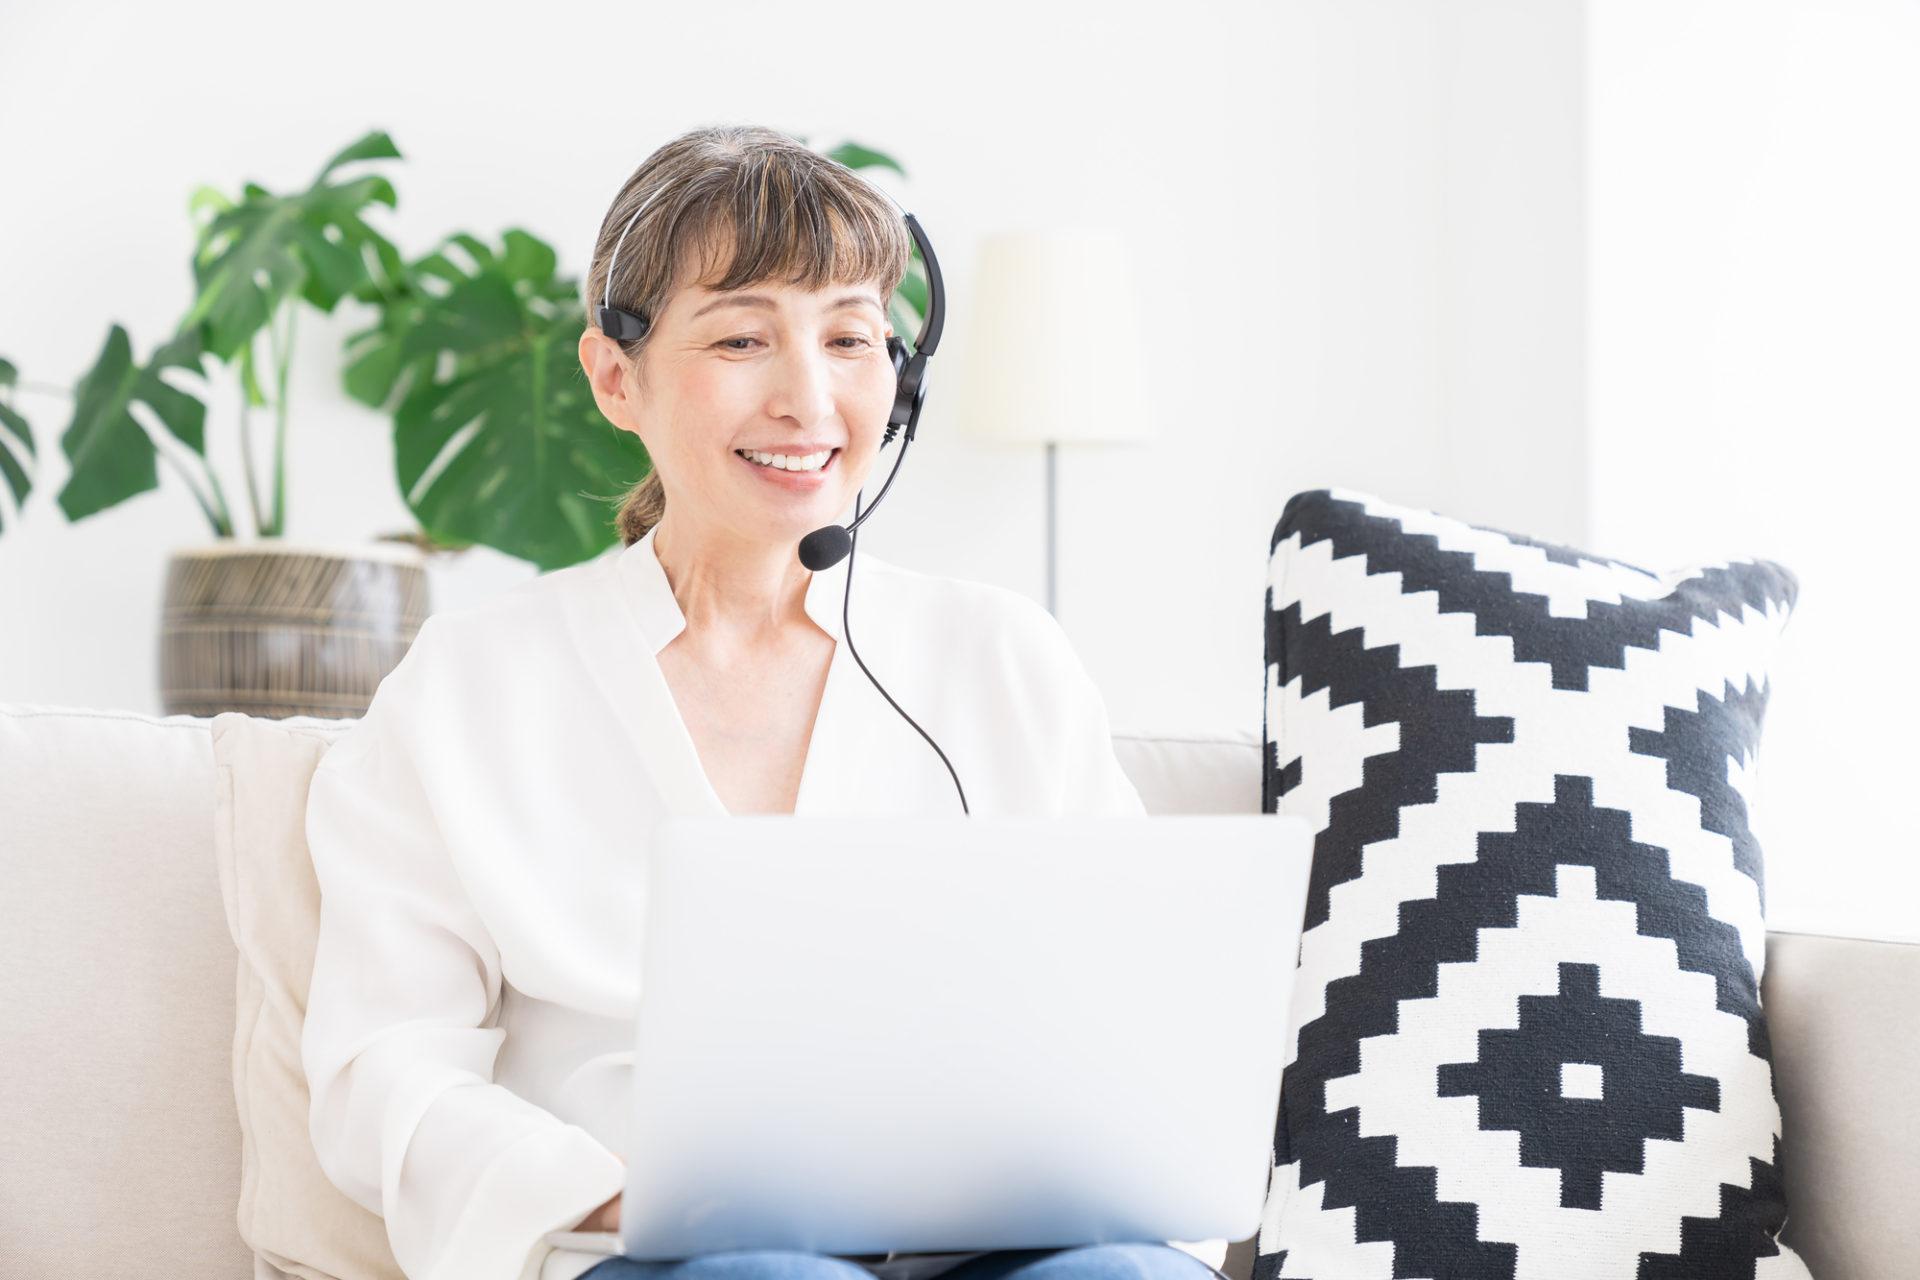 オンラインでプログラミングを習う60代の女性